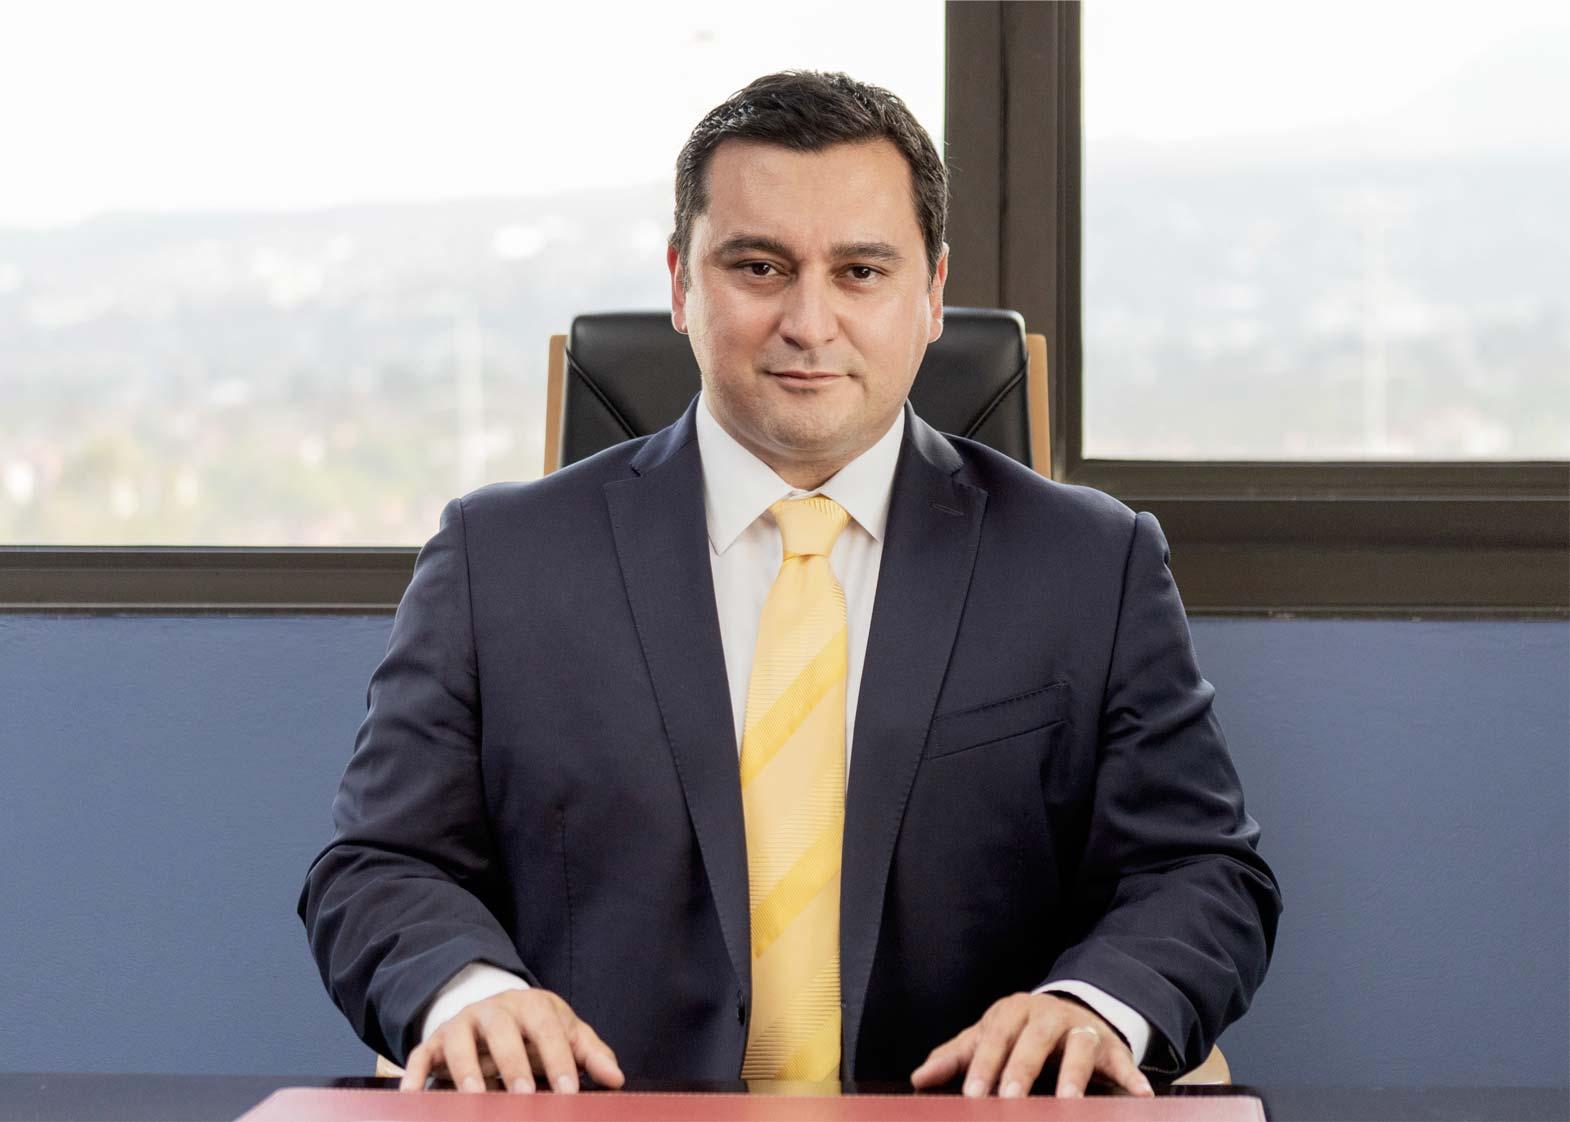 Especialista - Dr. Agustín Dorantes